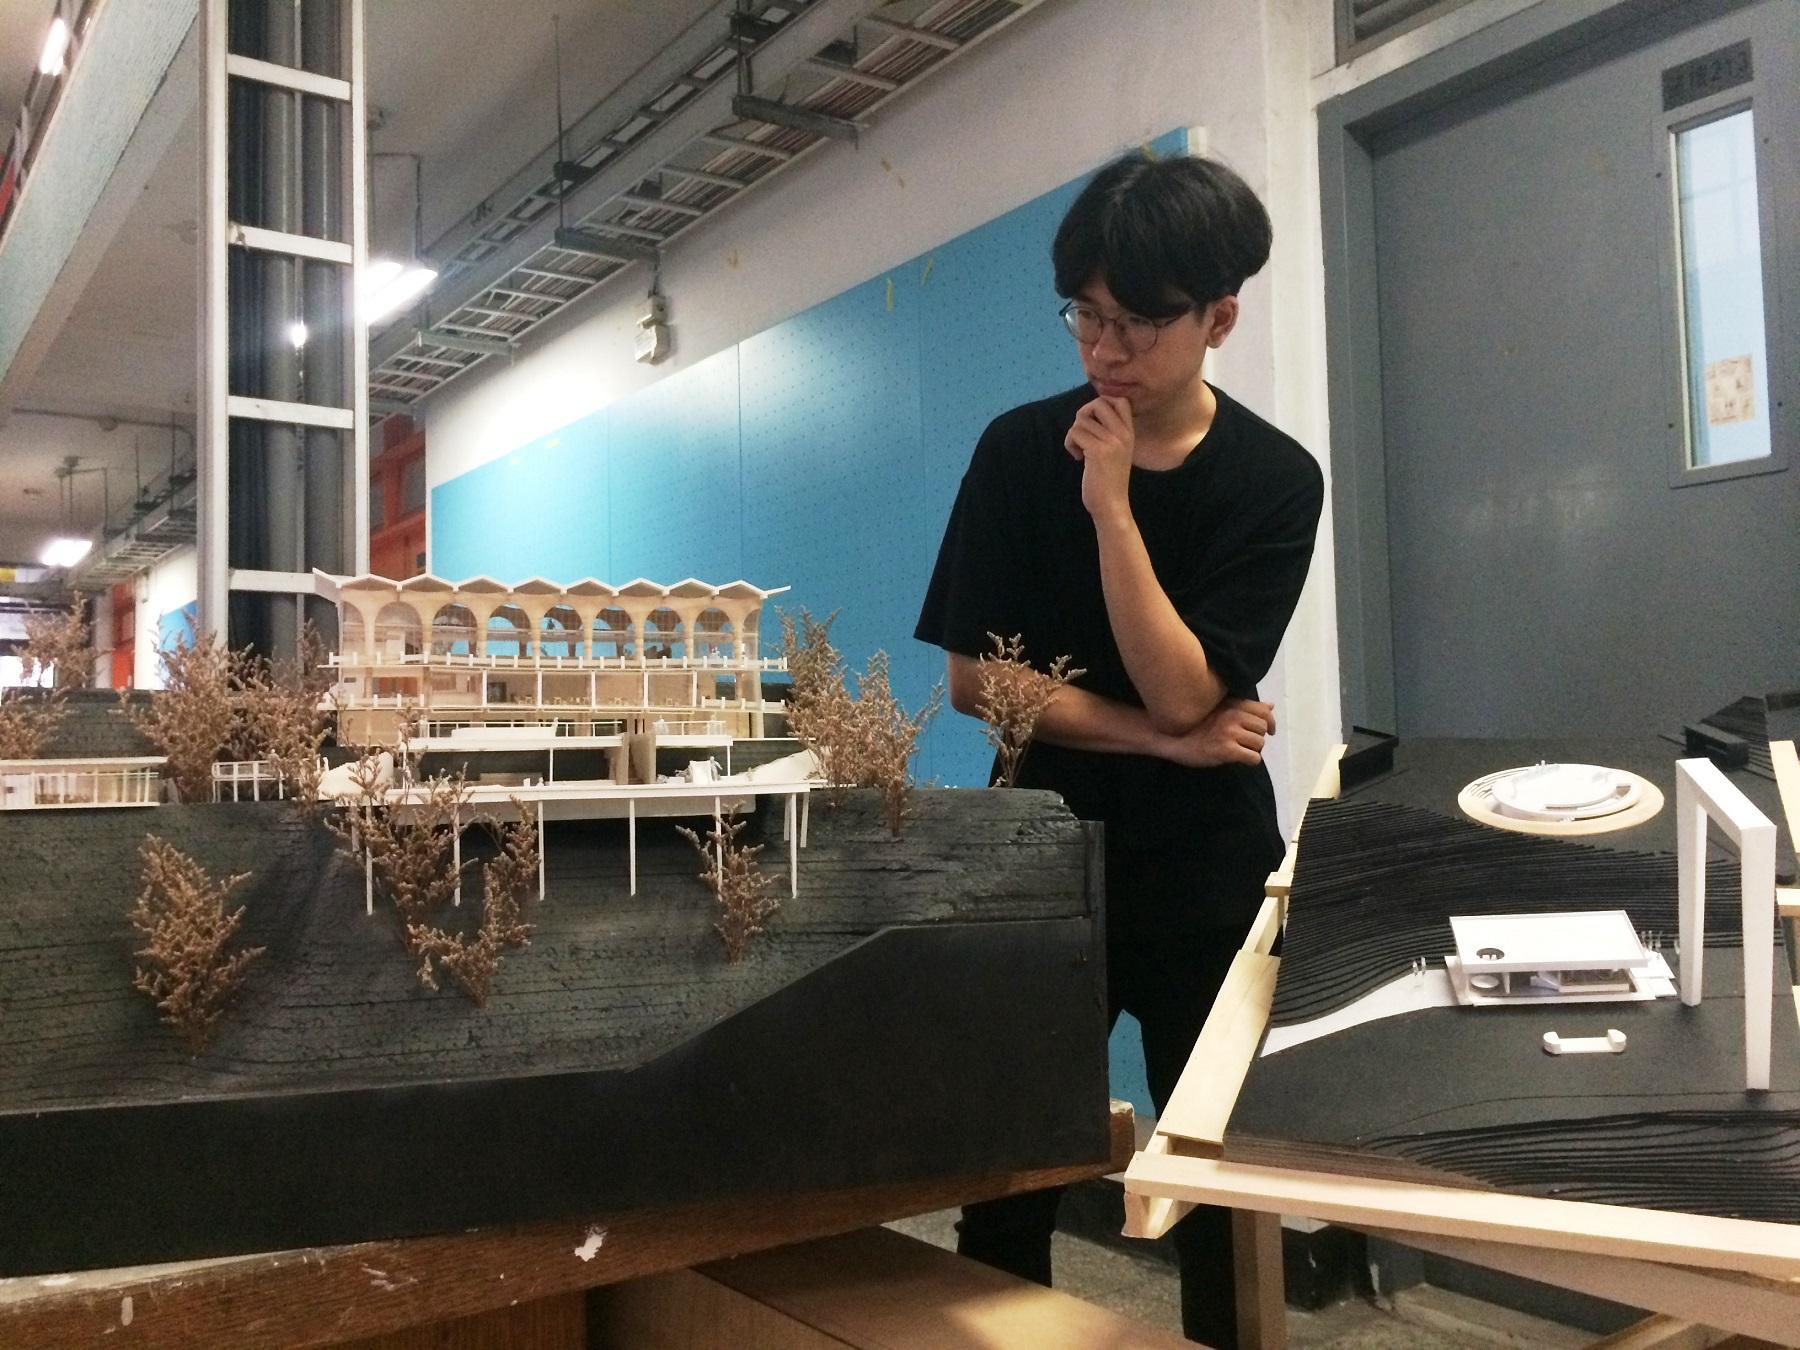 通稿照片-徐桐(如圖)、蔡函君則以新北市「花園新城」做為設計改造基地。.jpg